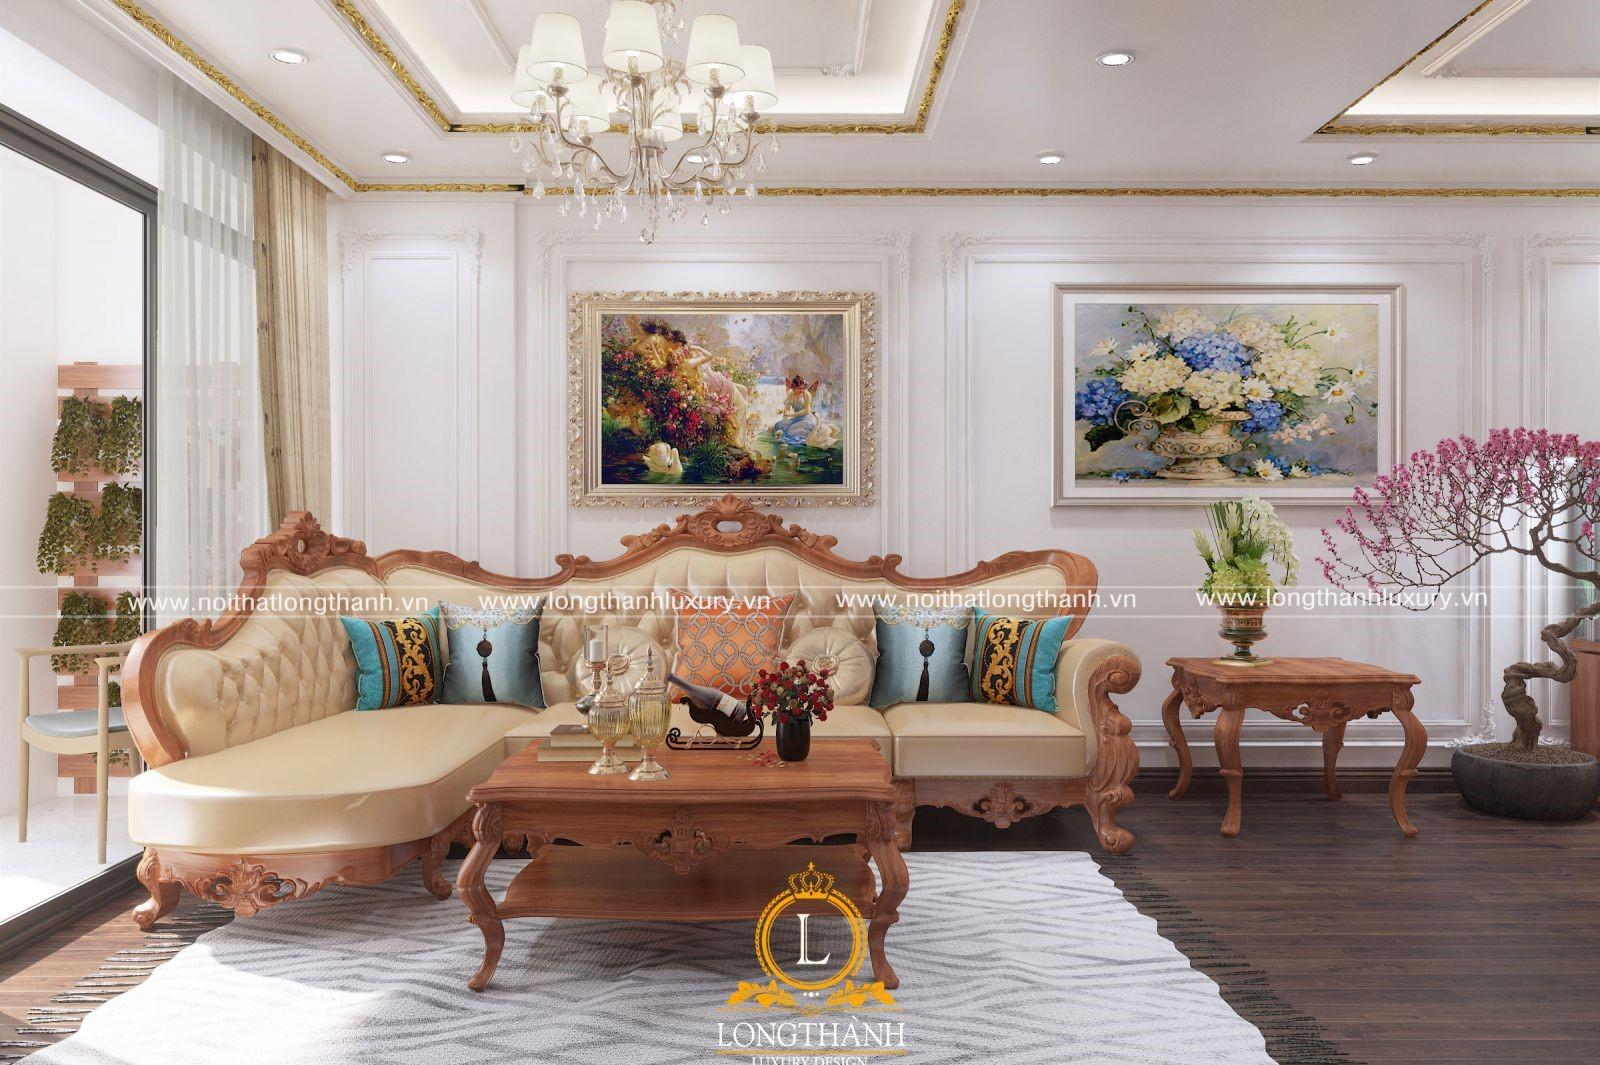 Sofa tân cổ điển cho chung cư